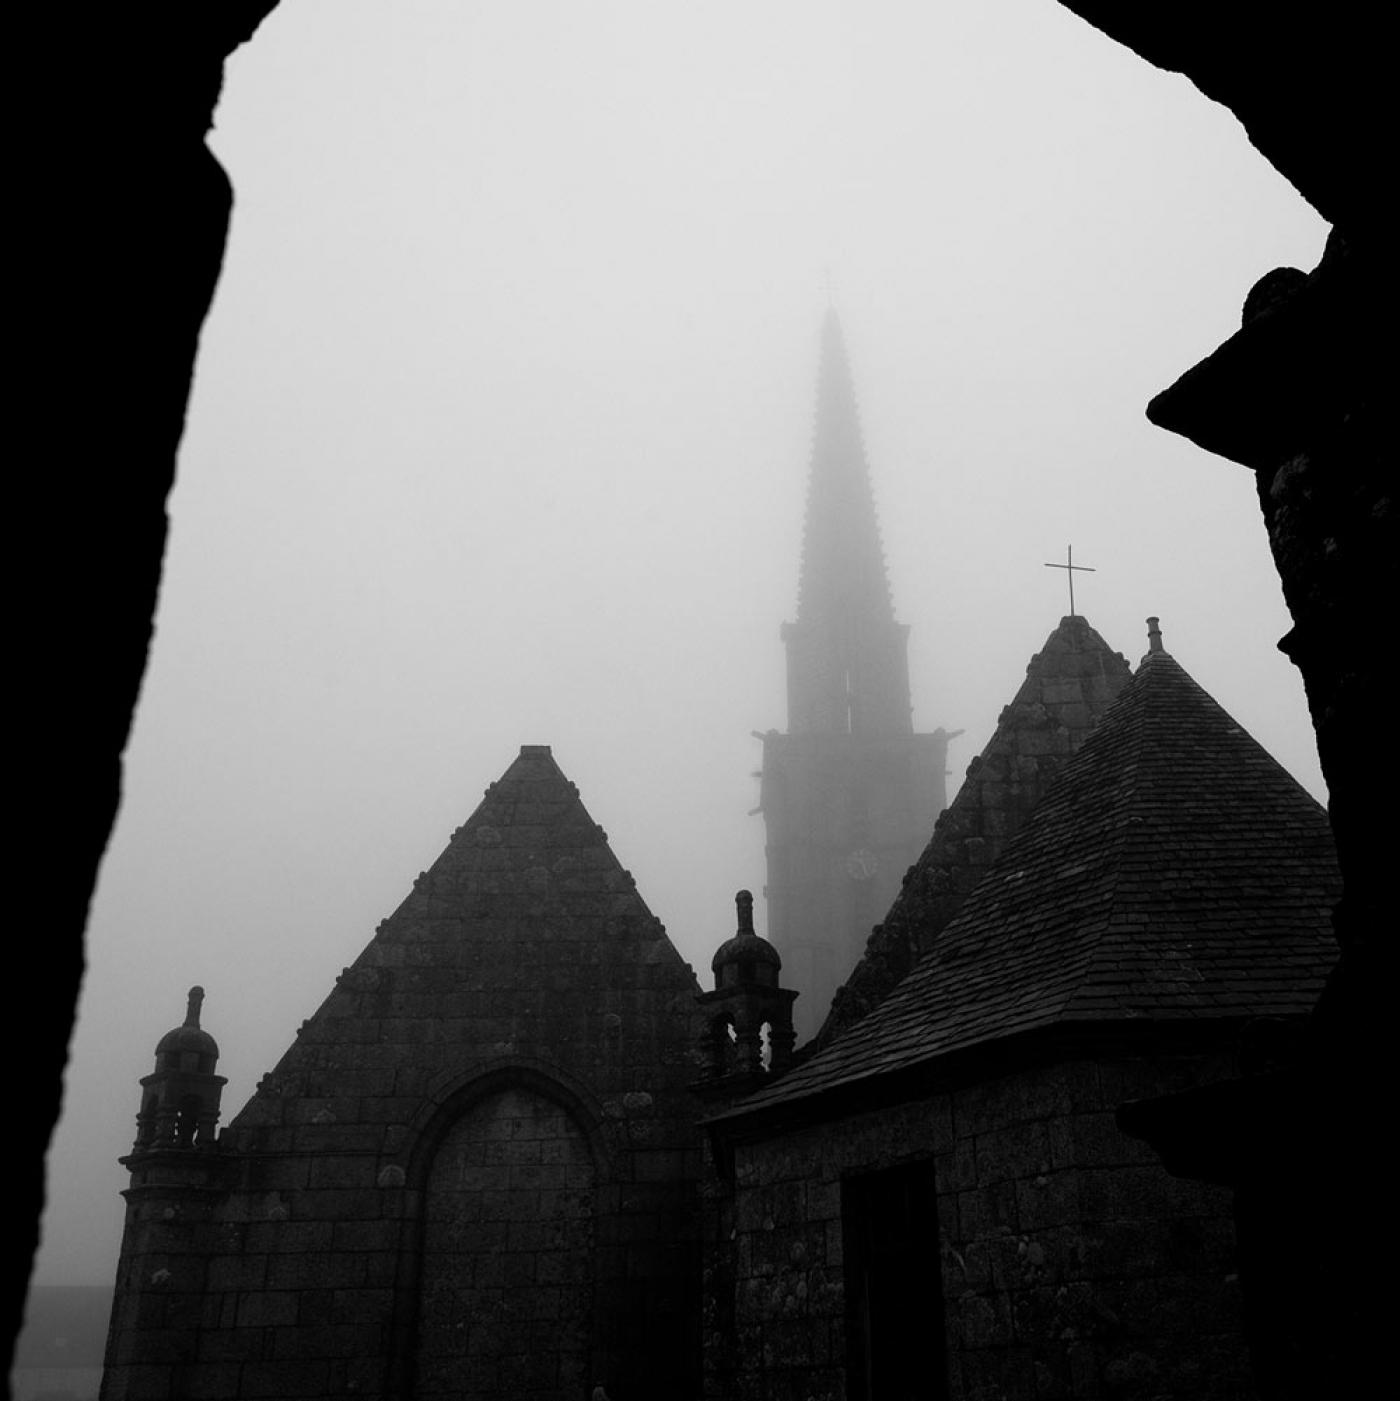 https://www.ericmalemanche.com/imagess/topics/les-bretons-de-l-argoat/liste/Monts-arree-08.jpg